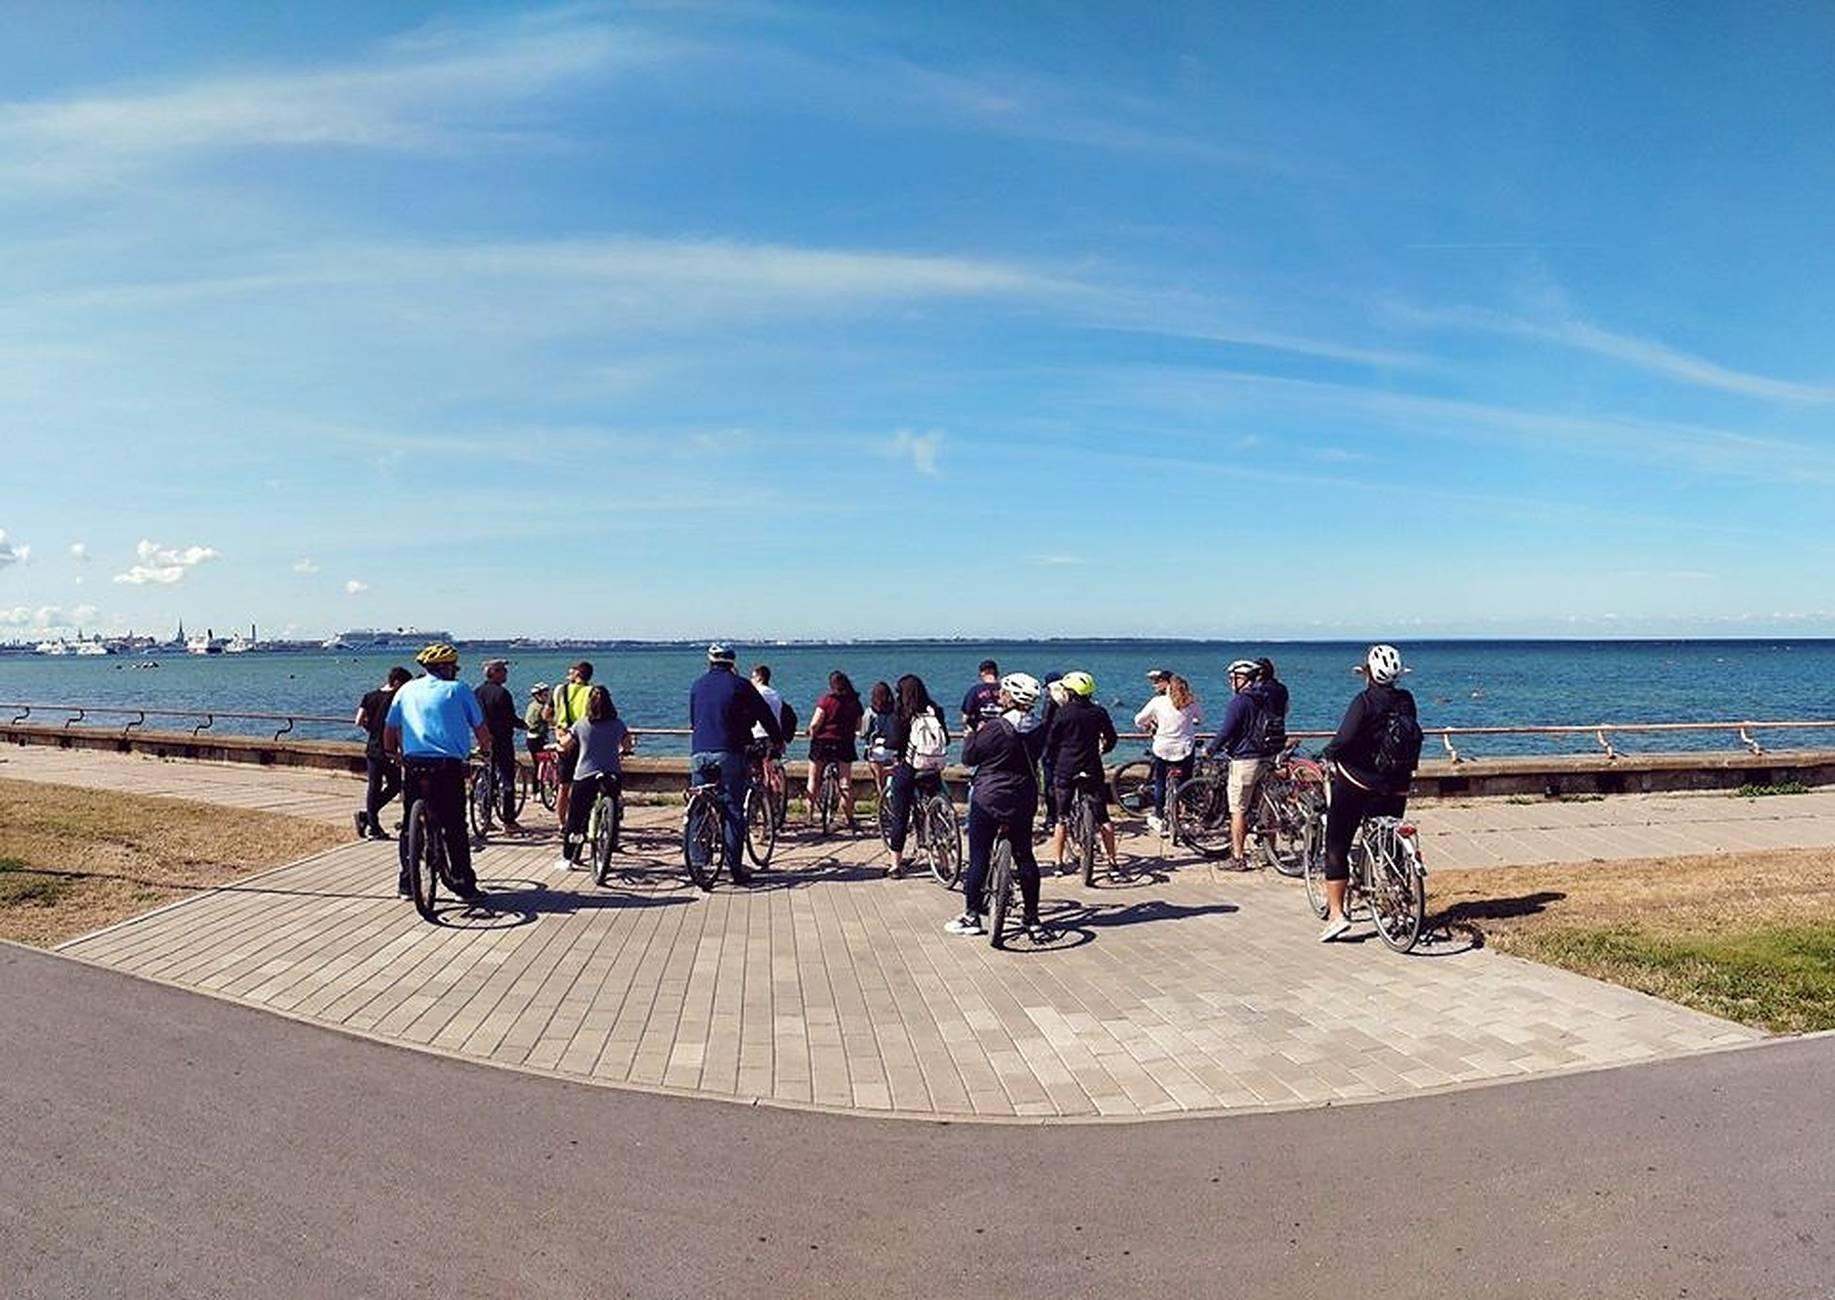 City Bike in Tallinn,Estonia